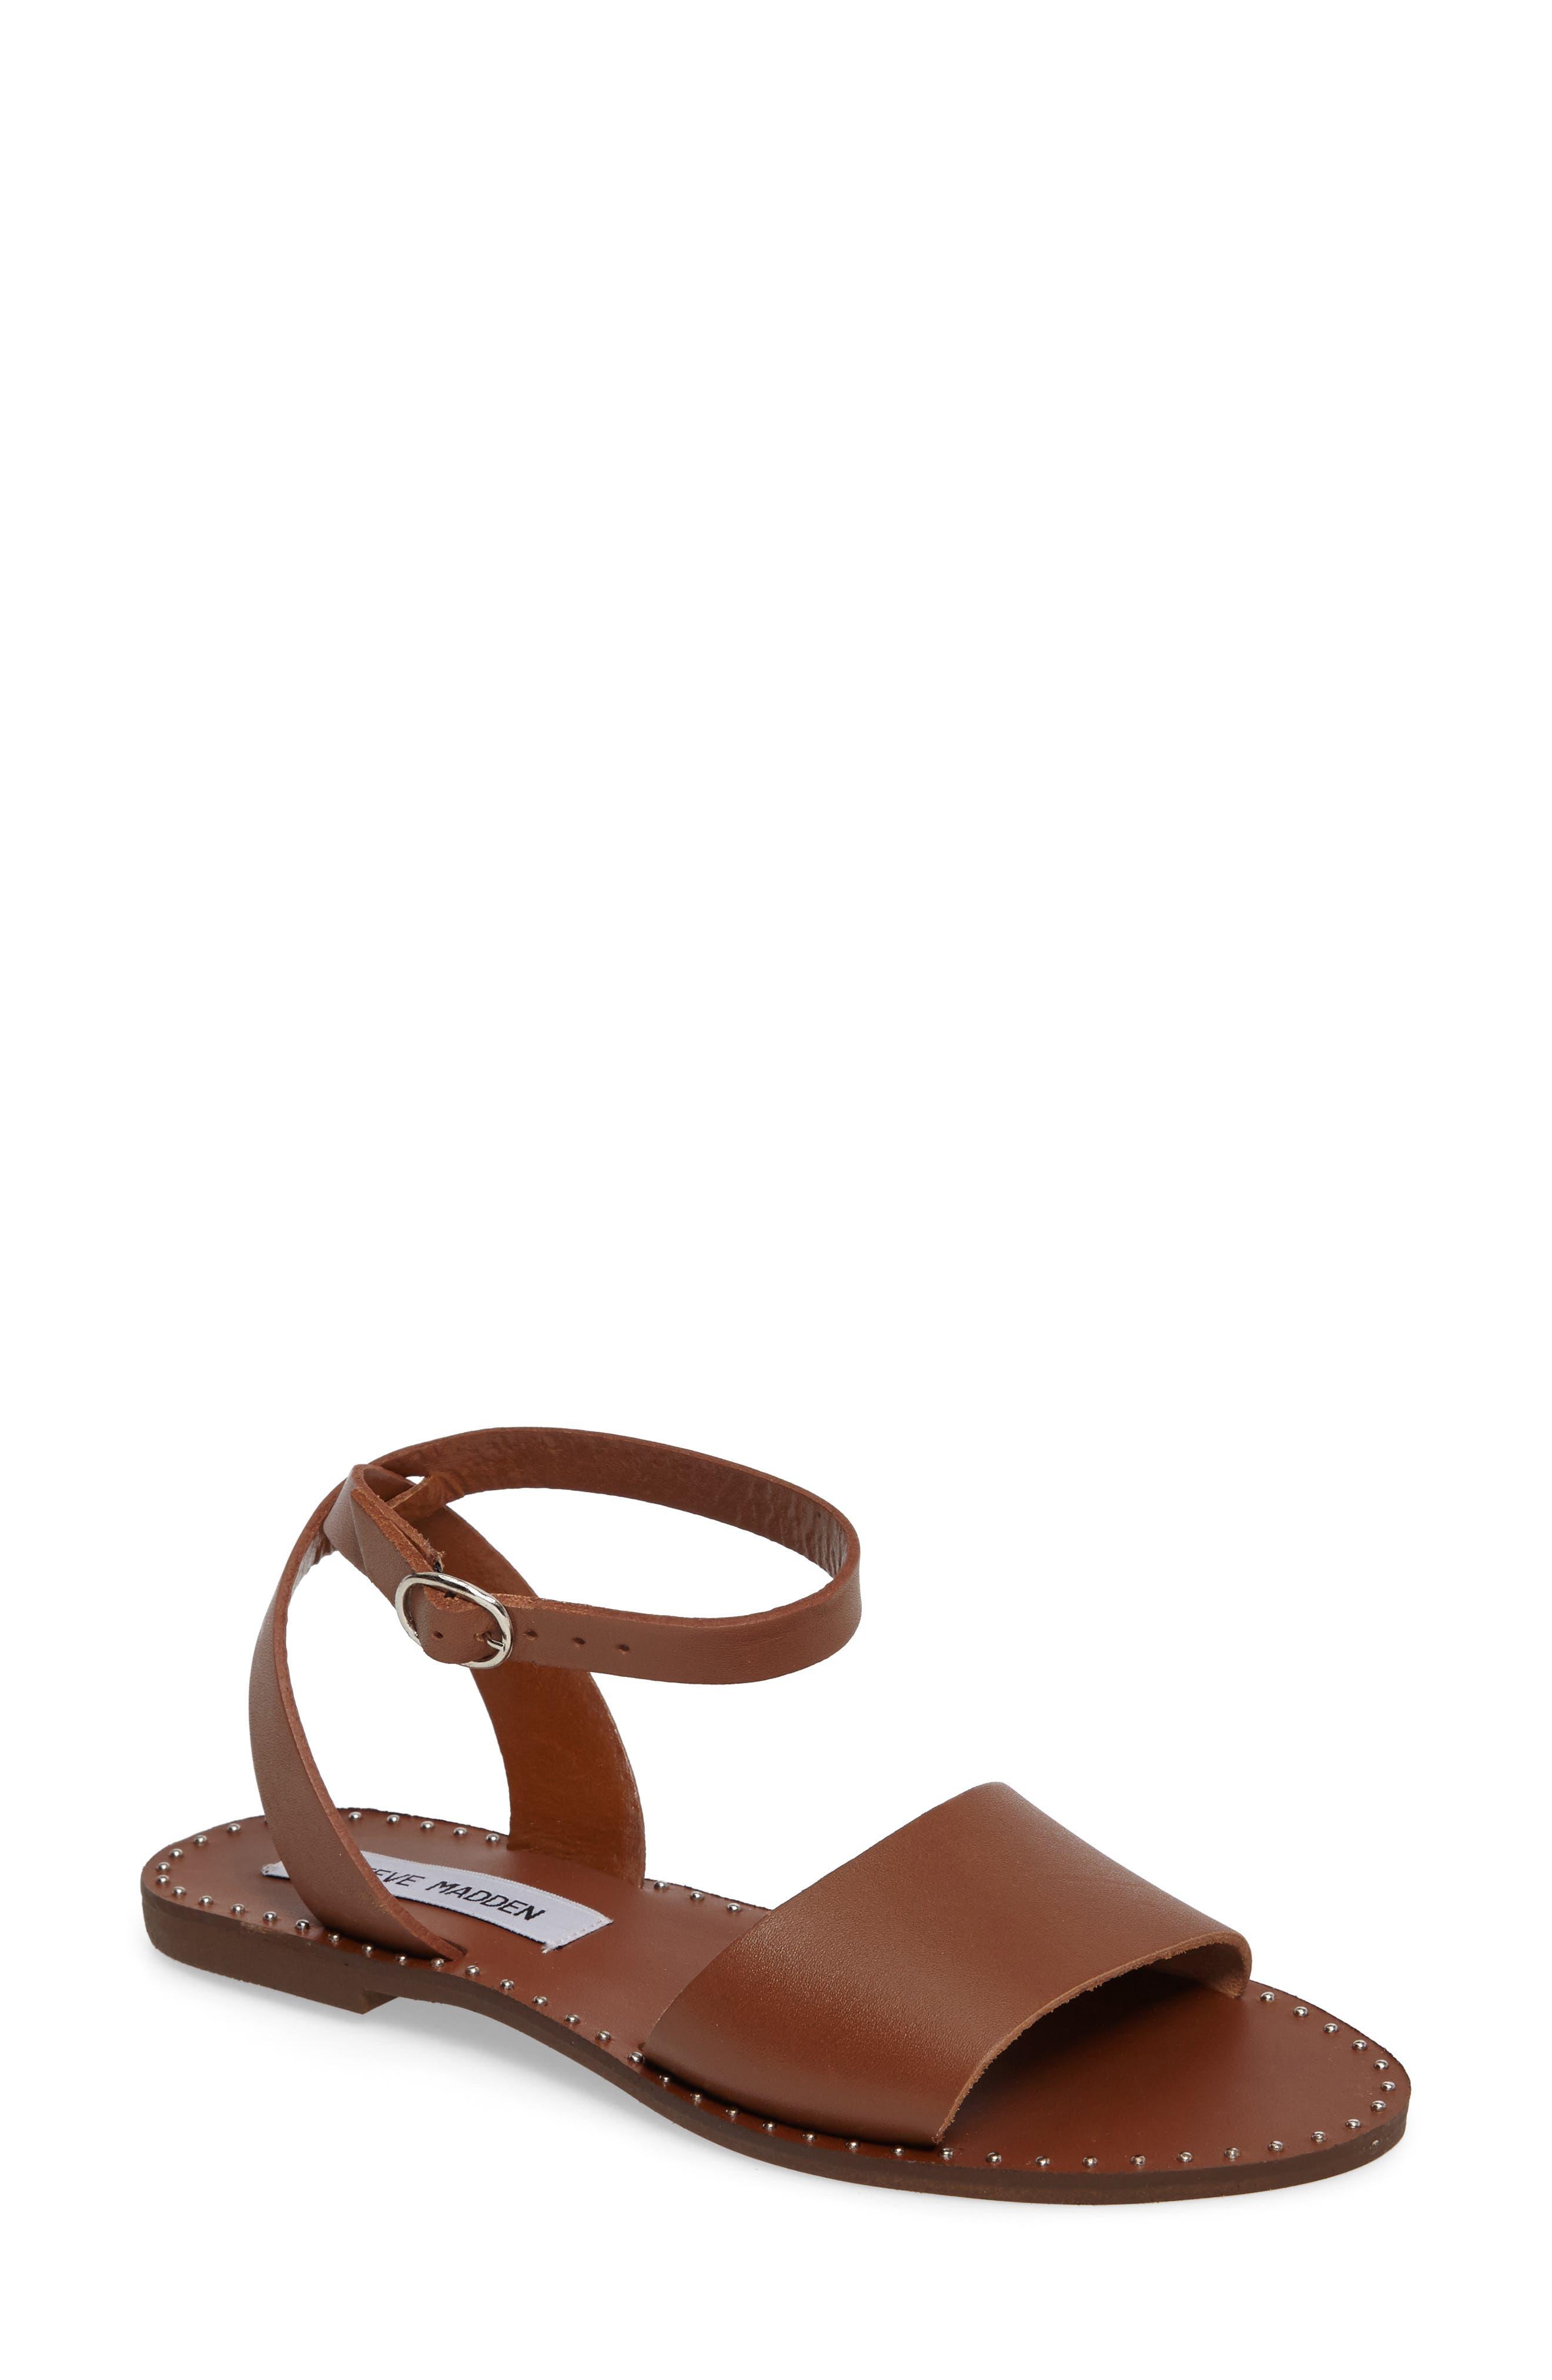 Alternate Image 1 Selected - Steve Madden Danny Ankle Strap Sandal (Women)